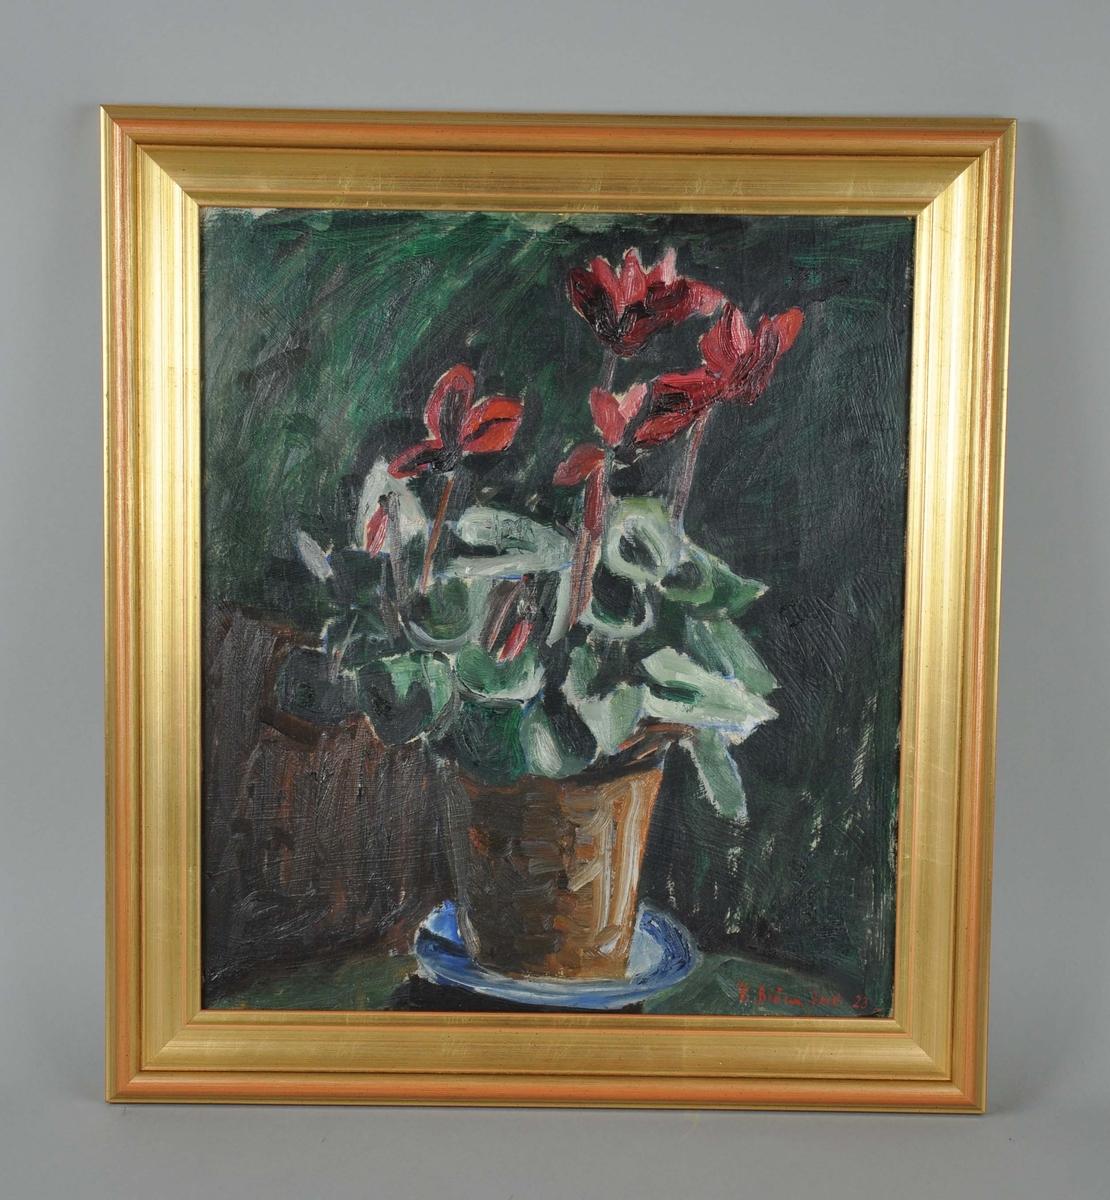 Maleri i stående format, med motiv av røde blomster i krukke på et bord. Rammen er av profilert tre med gullmaling på overflaten, sannsynligvis er rammen original.